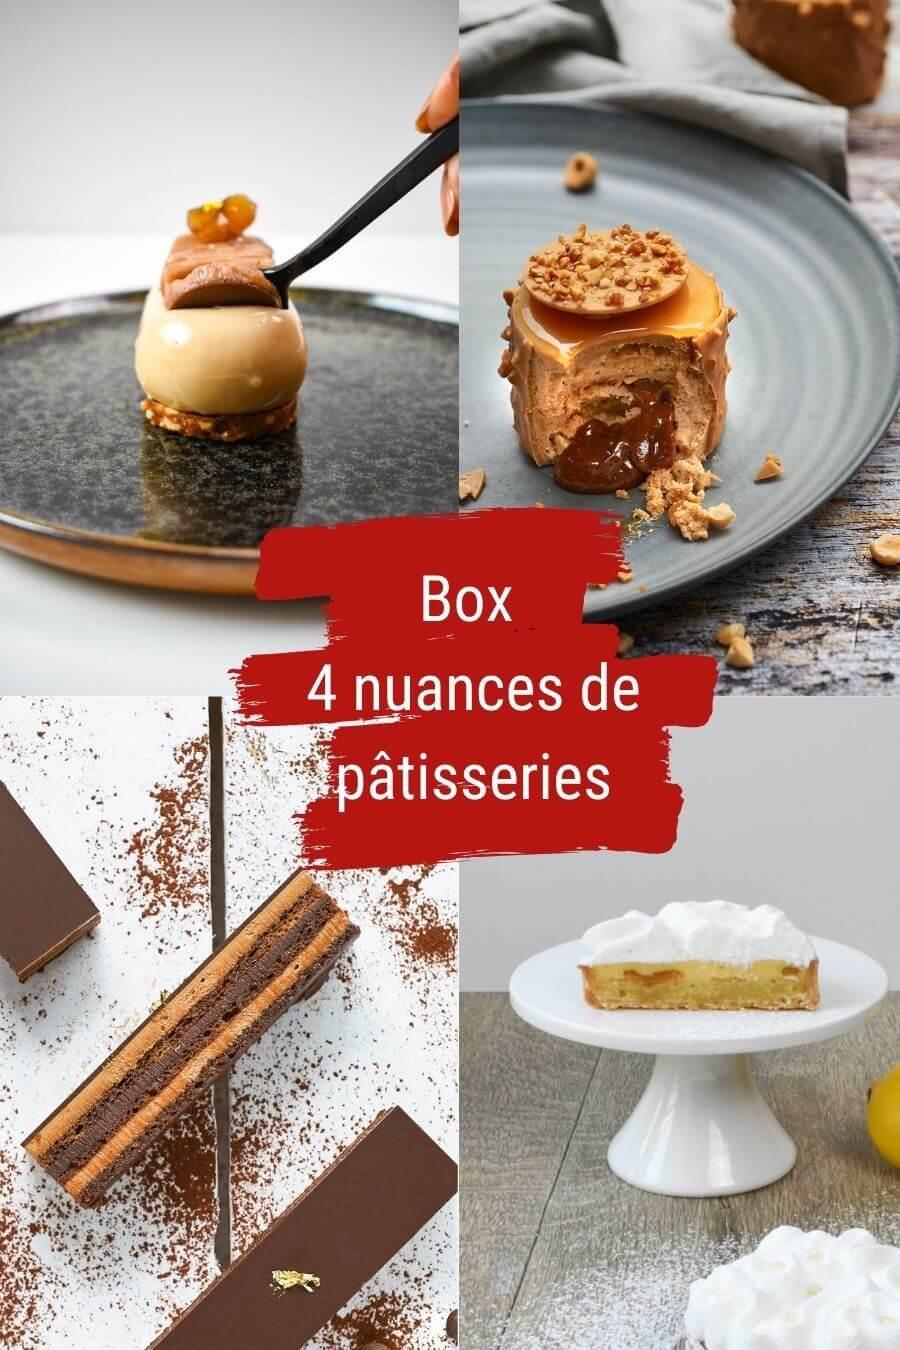 BOX 4 NUANCES DE PÂTISSERIES